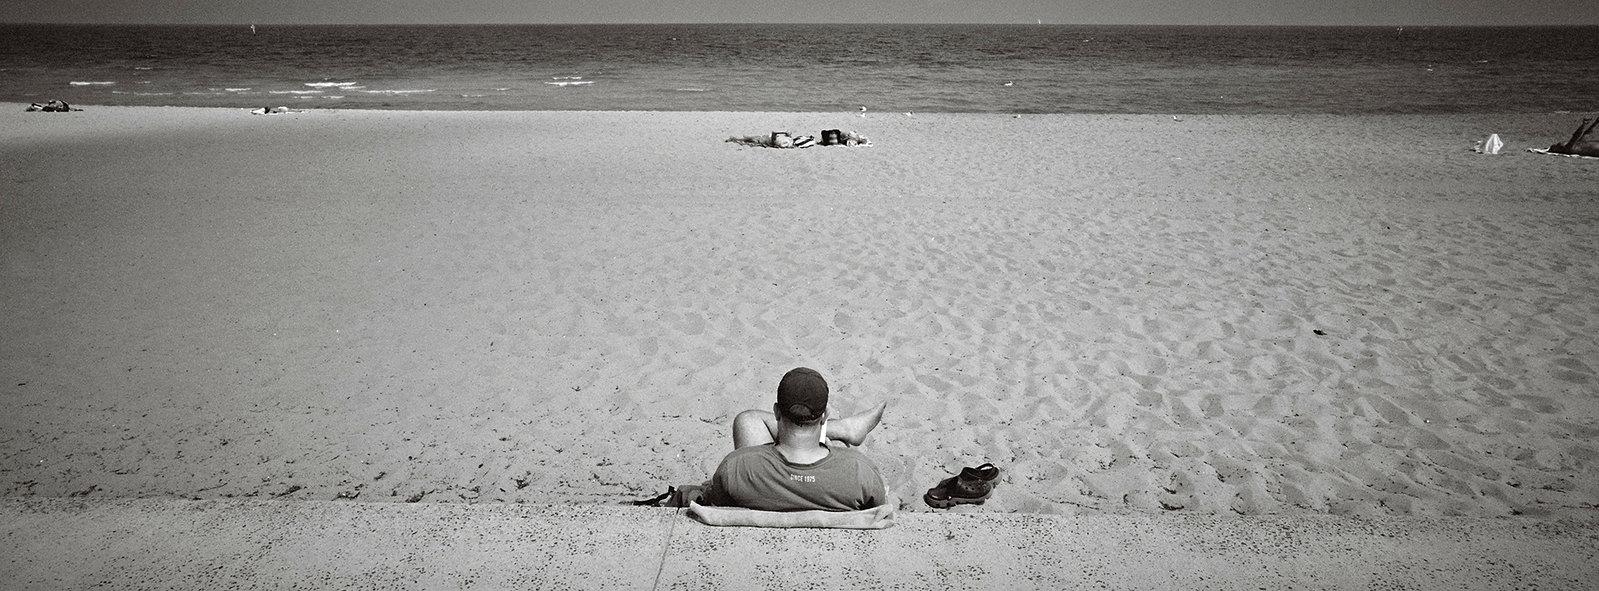 Elwood Beach viii